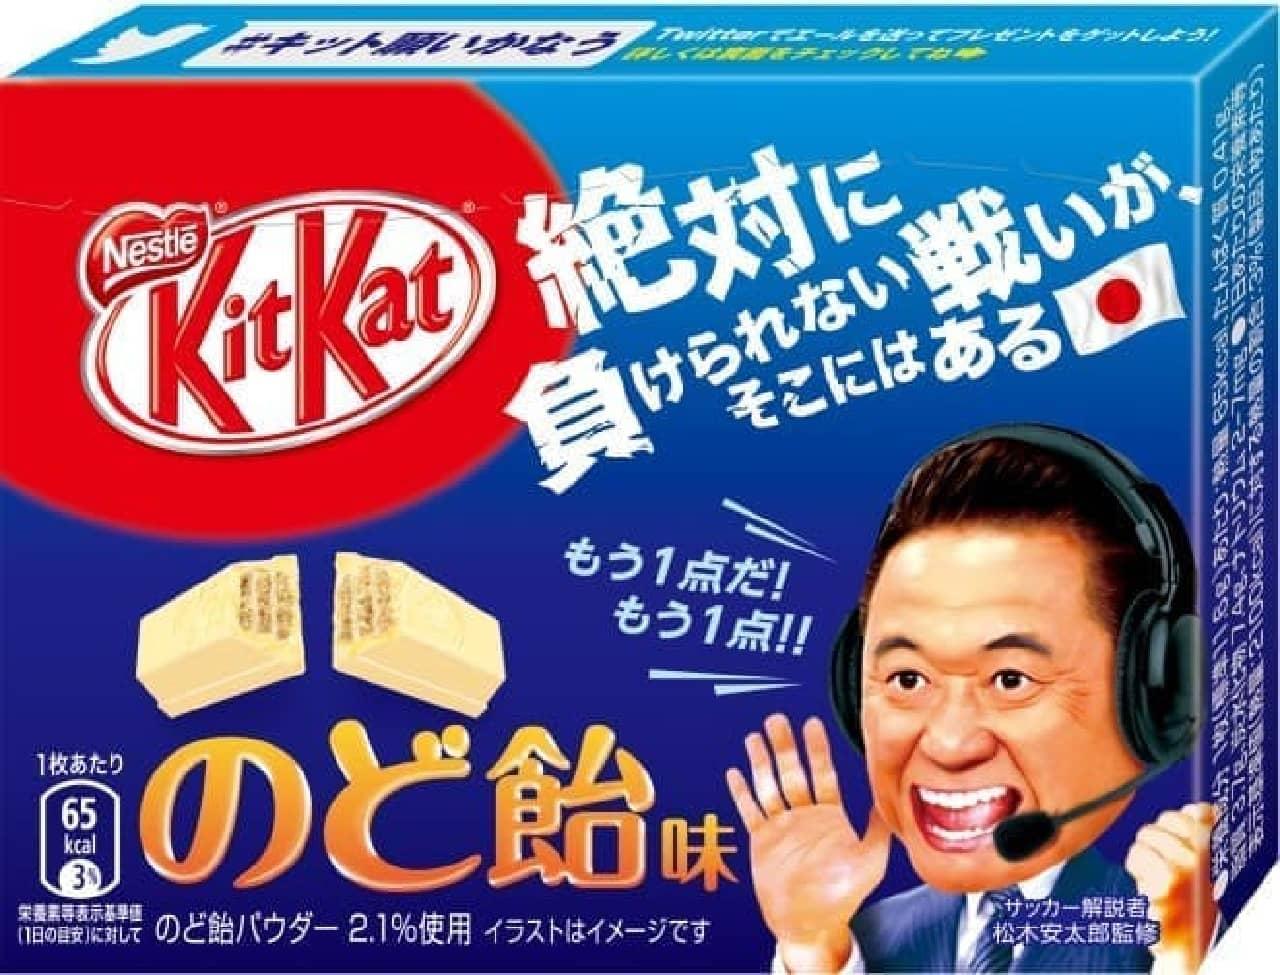 ネスレ「キットカット のど飴味」